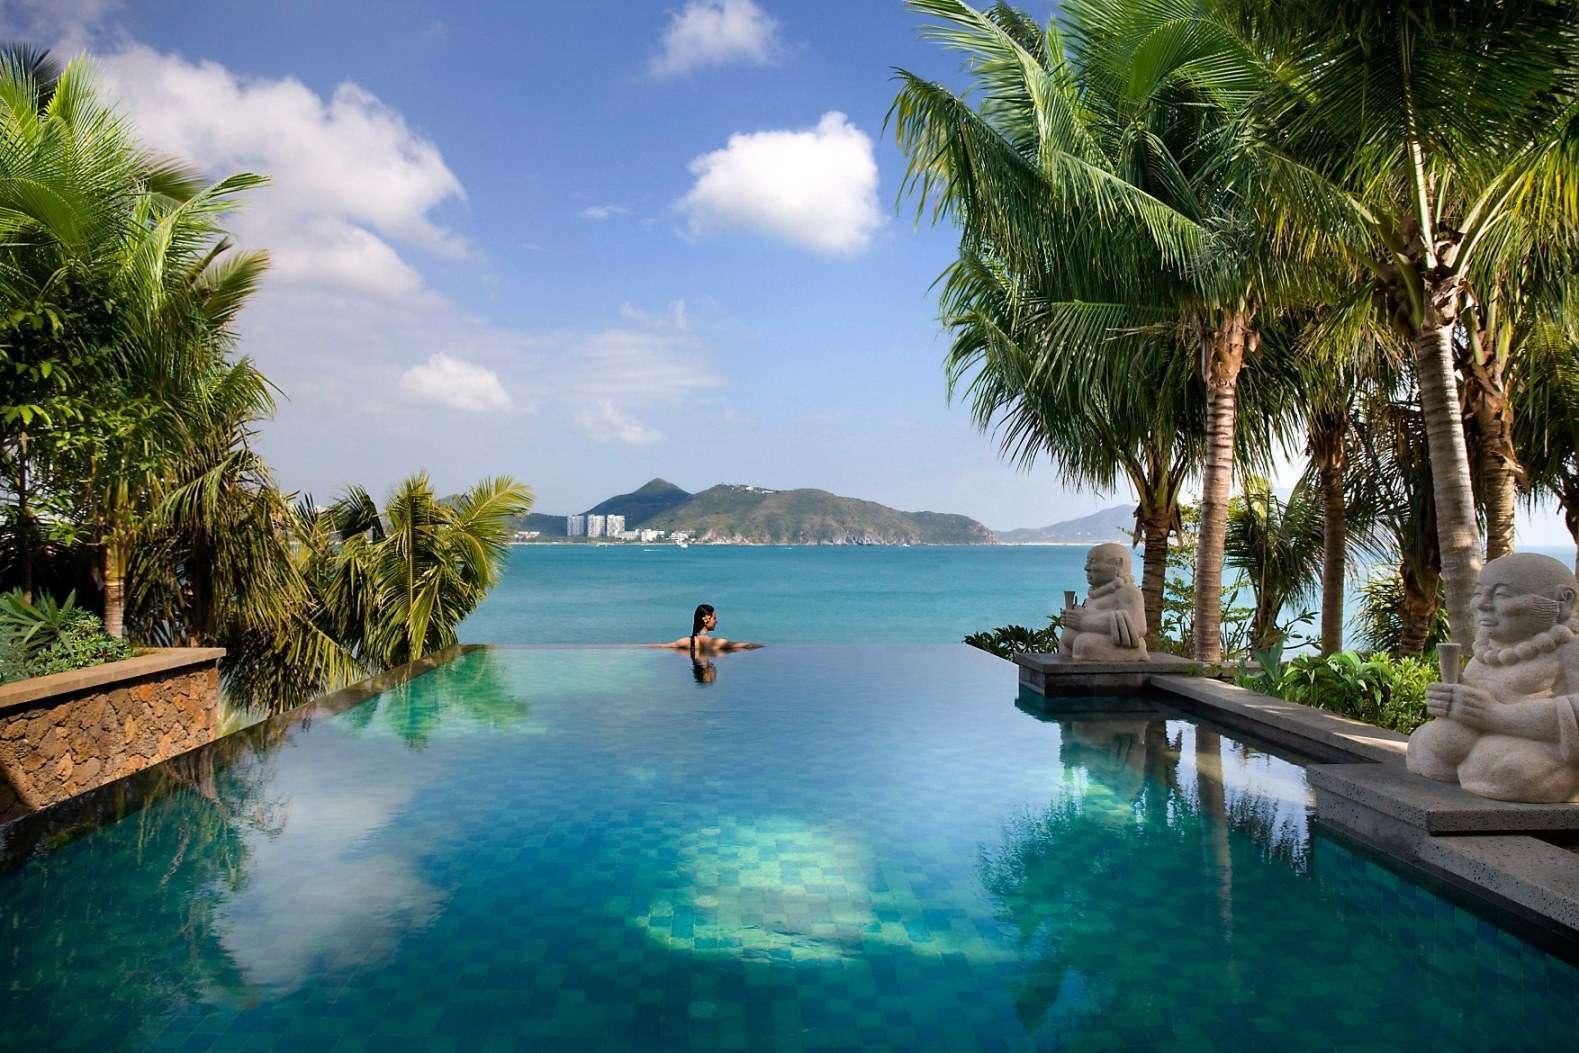 Остров попова приморье фото особенностью